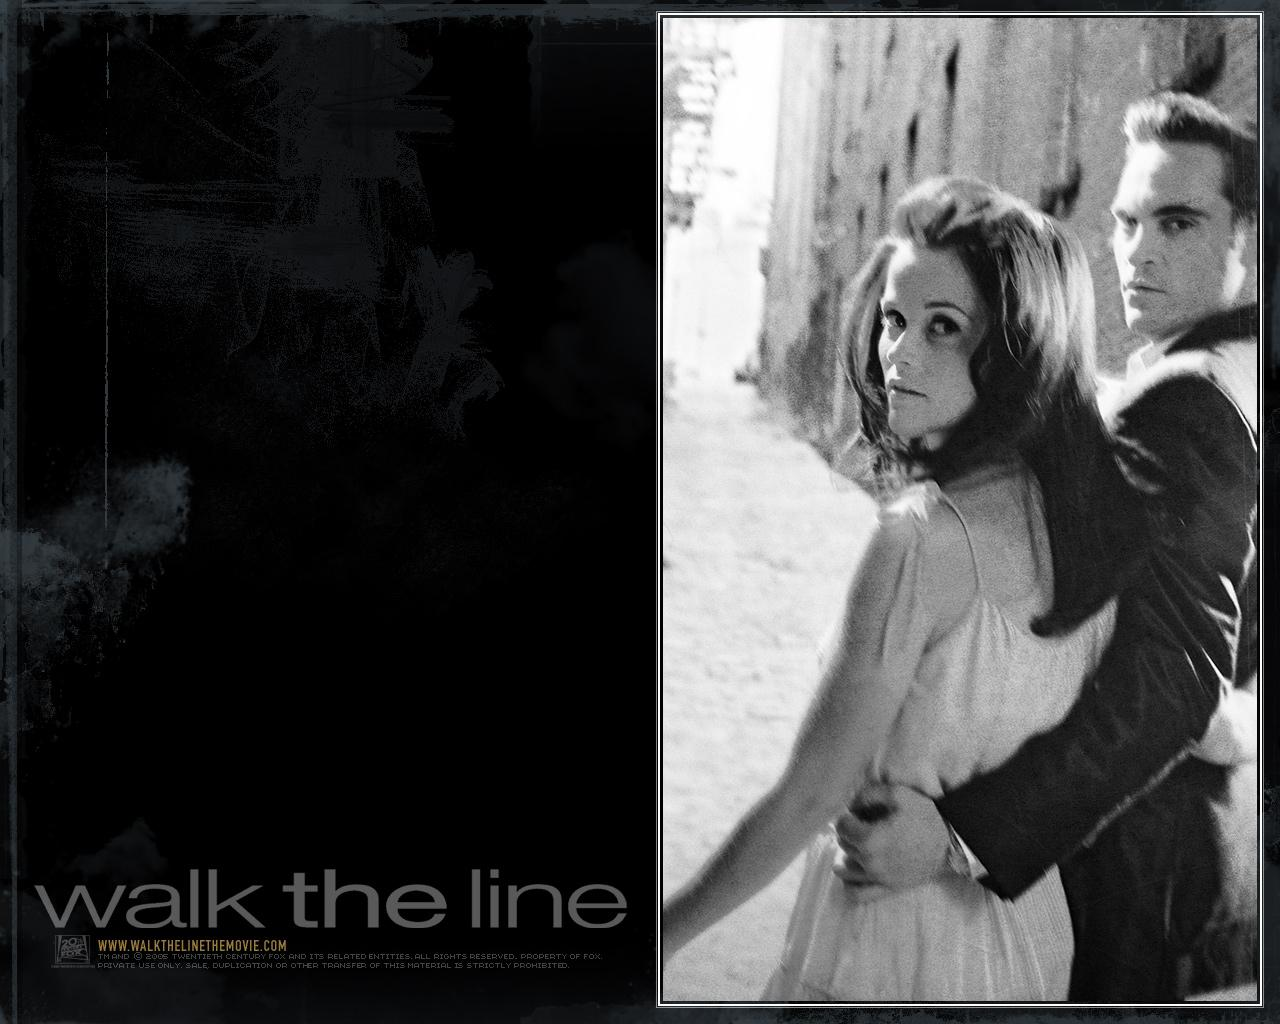 http://3.bp.blogspot.com/_hveV1lsFwc4/TN-bJymetXI/AAAAAAAAghw/baNnmwSxdpk/s1600/2005_walk_the_line_wallpaper_004.jpg